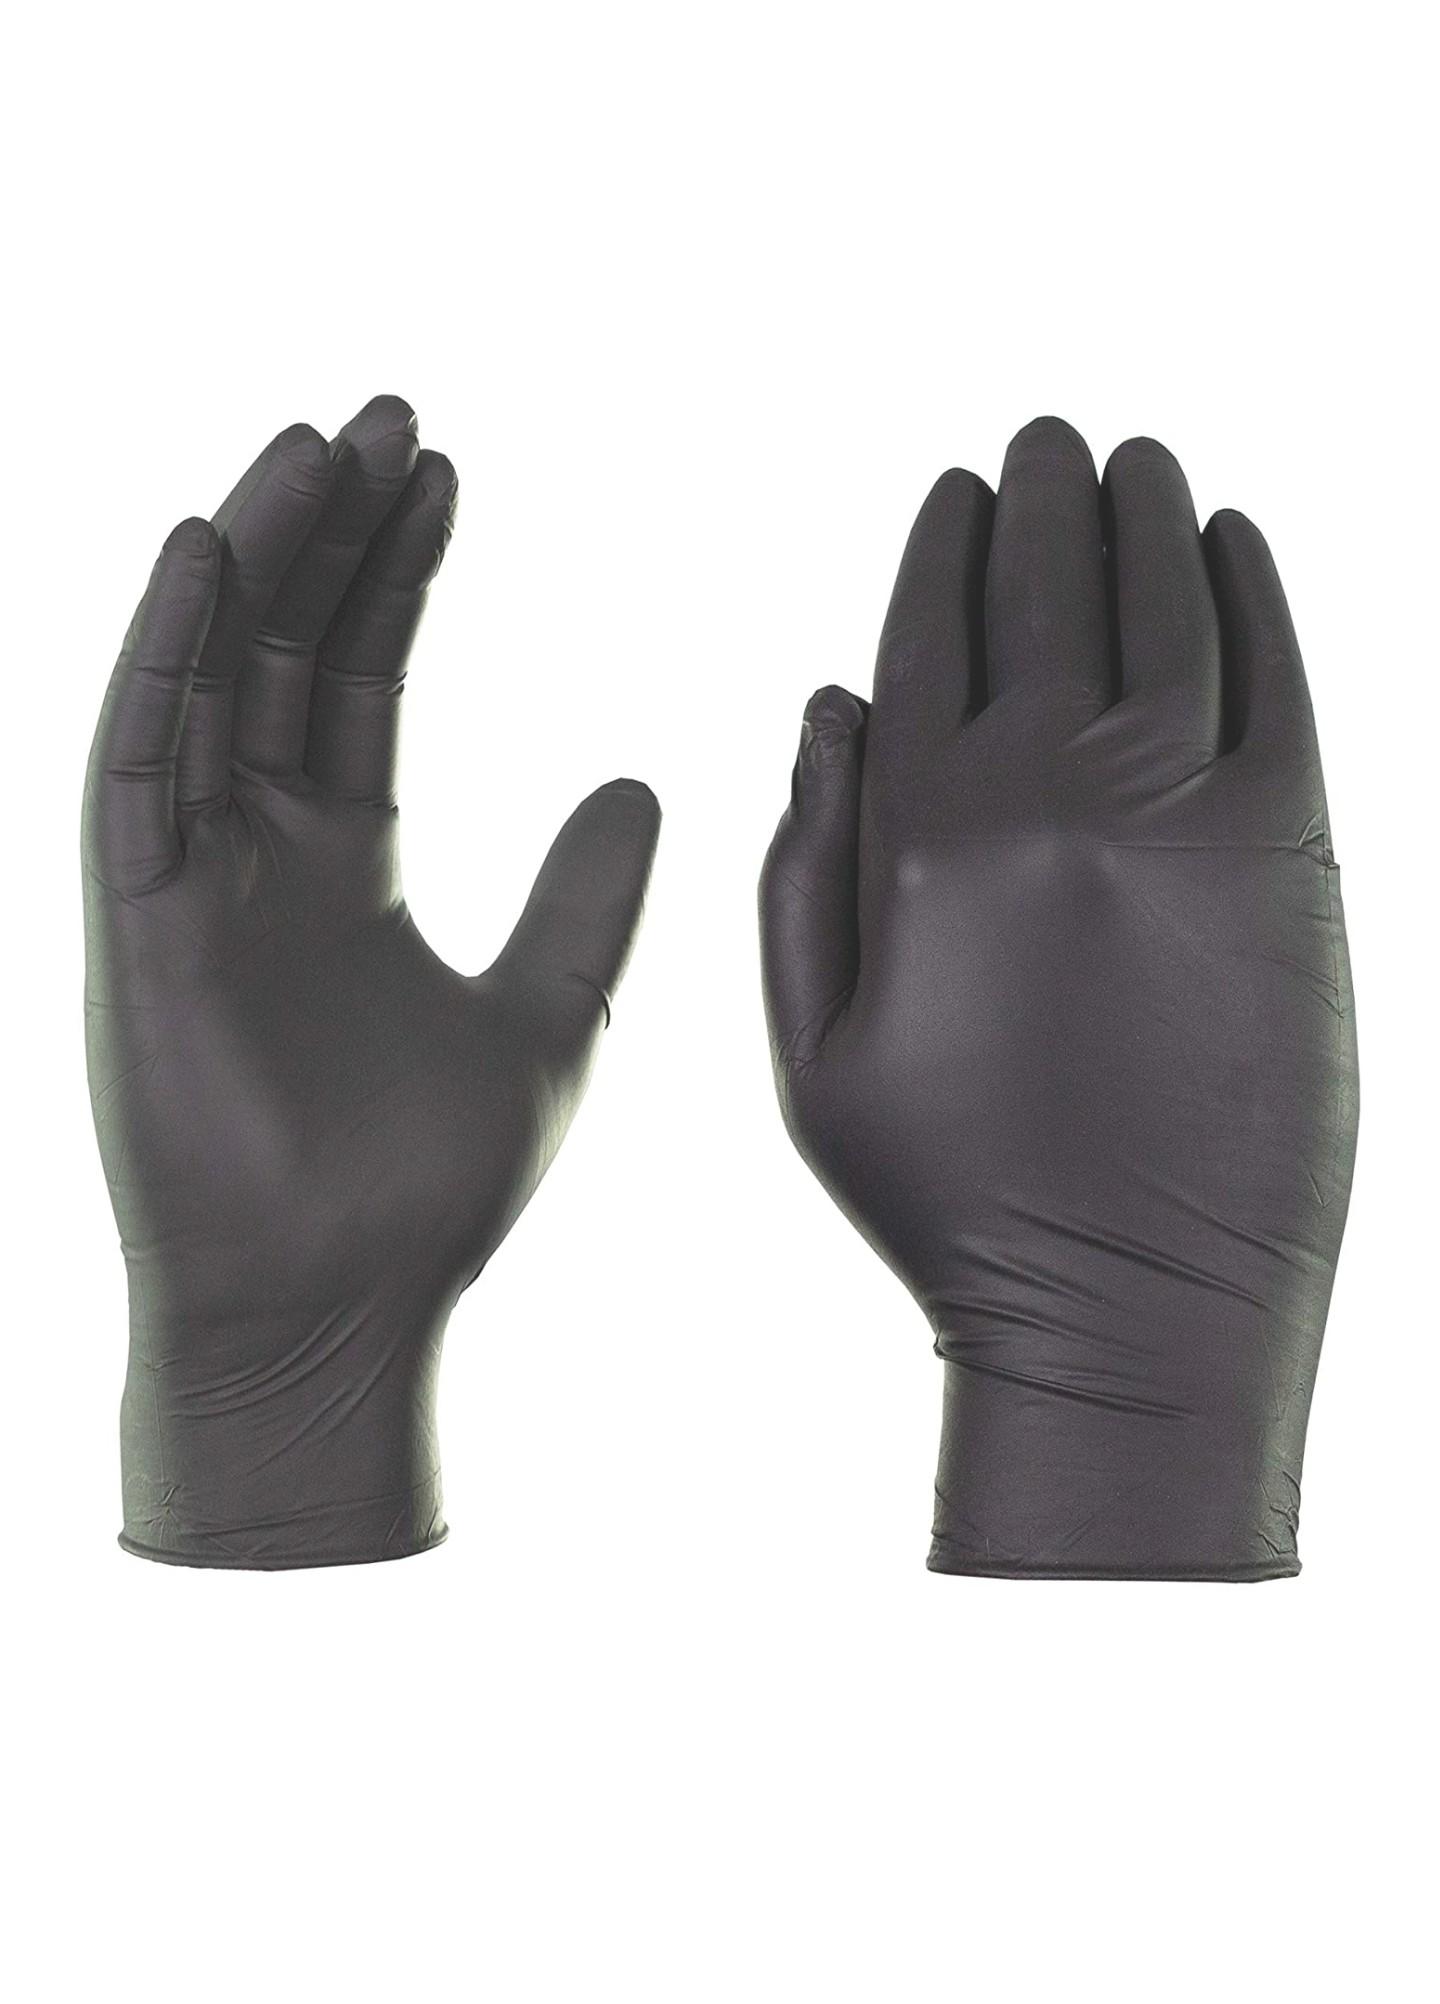 Medical Grade Nitrile Gloves